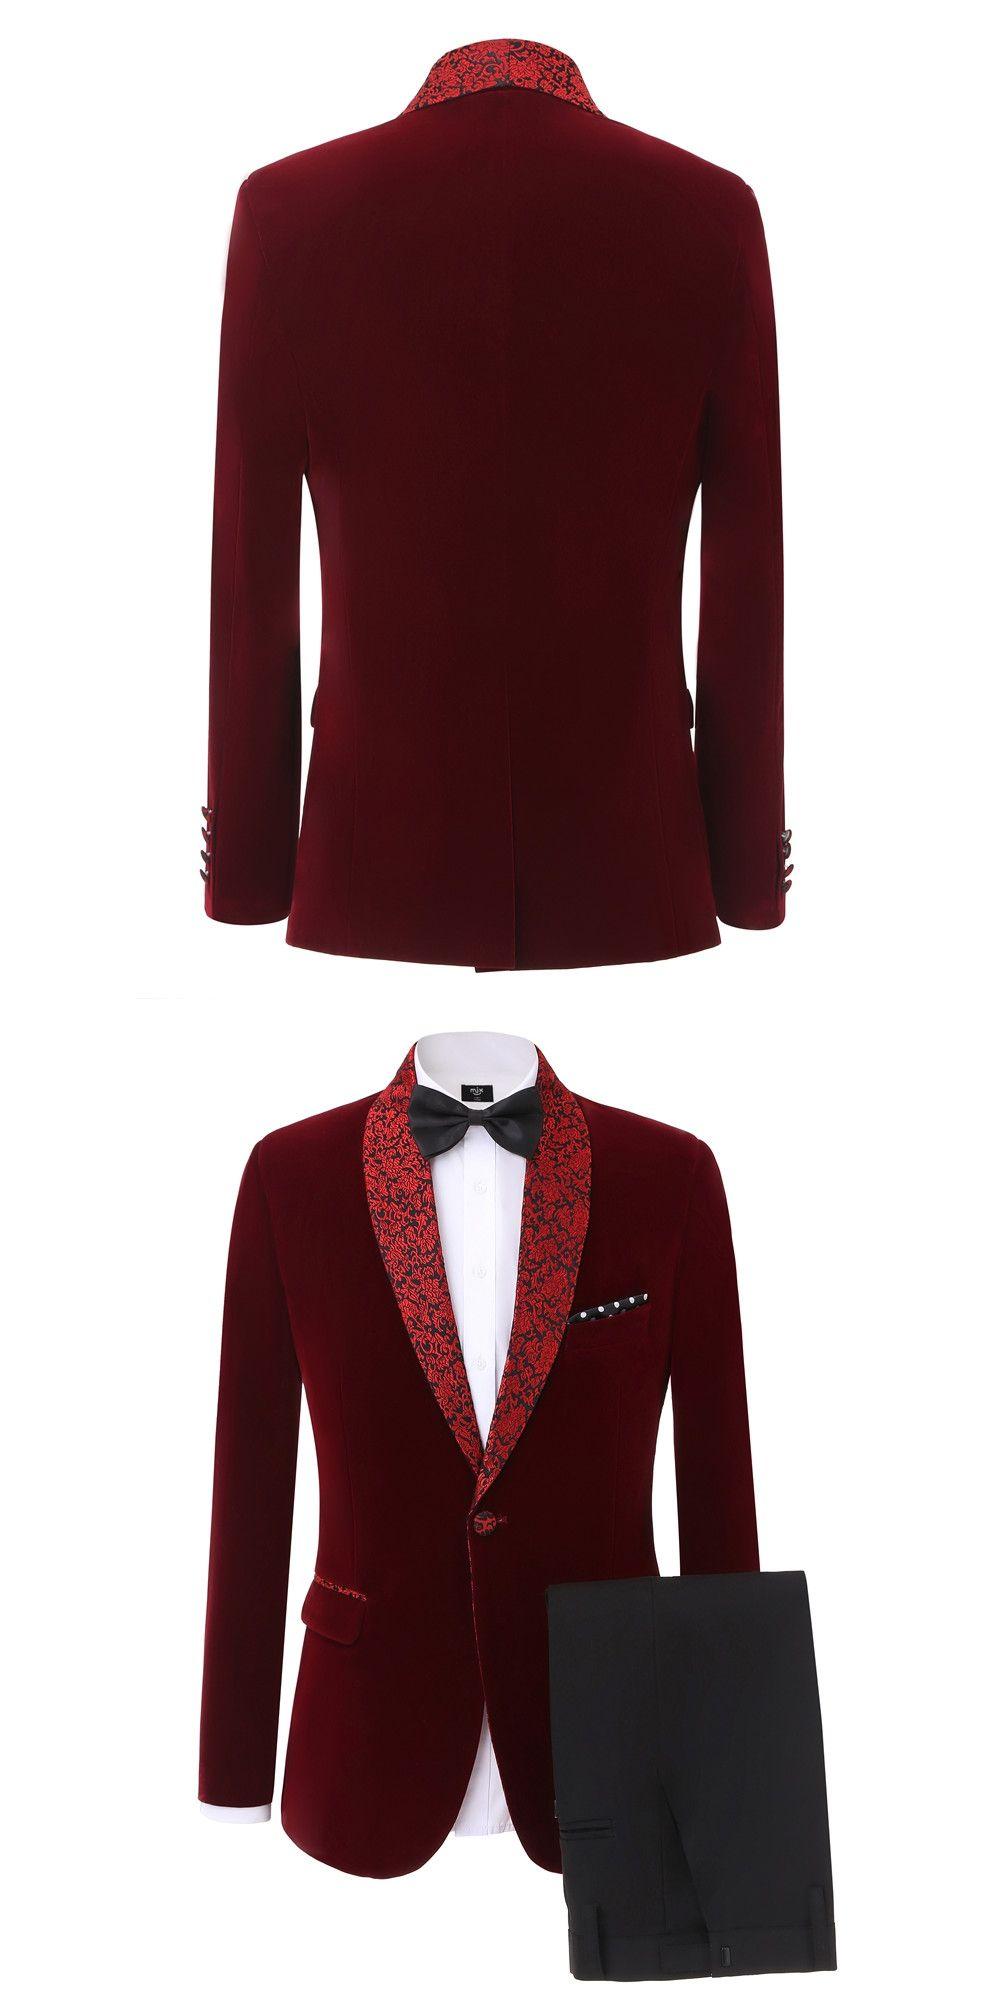 2017 Latest Coat Pant Designs Burgundy Velvet Men Suit Prom Tuxedo ...